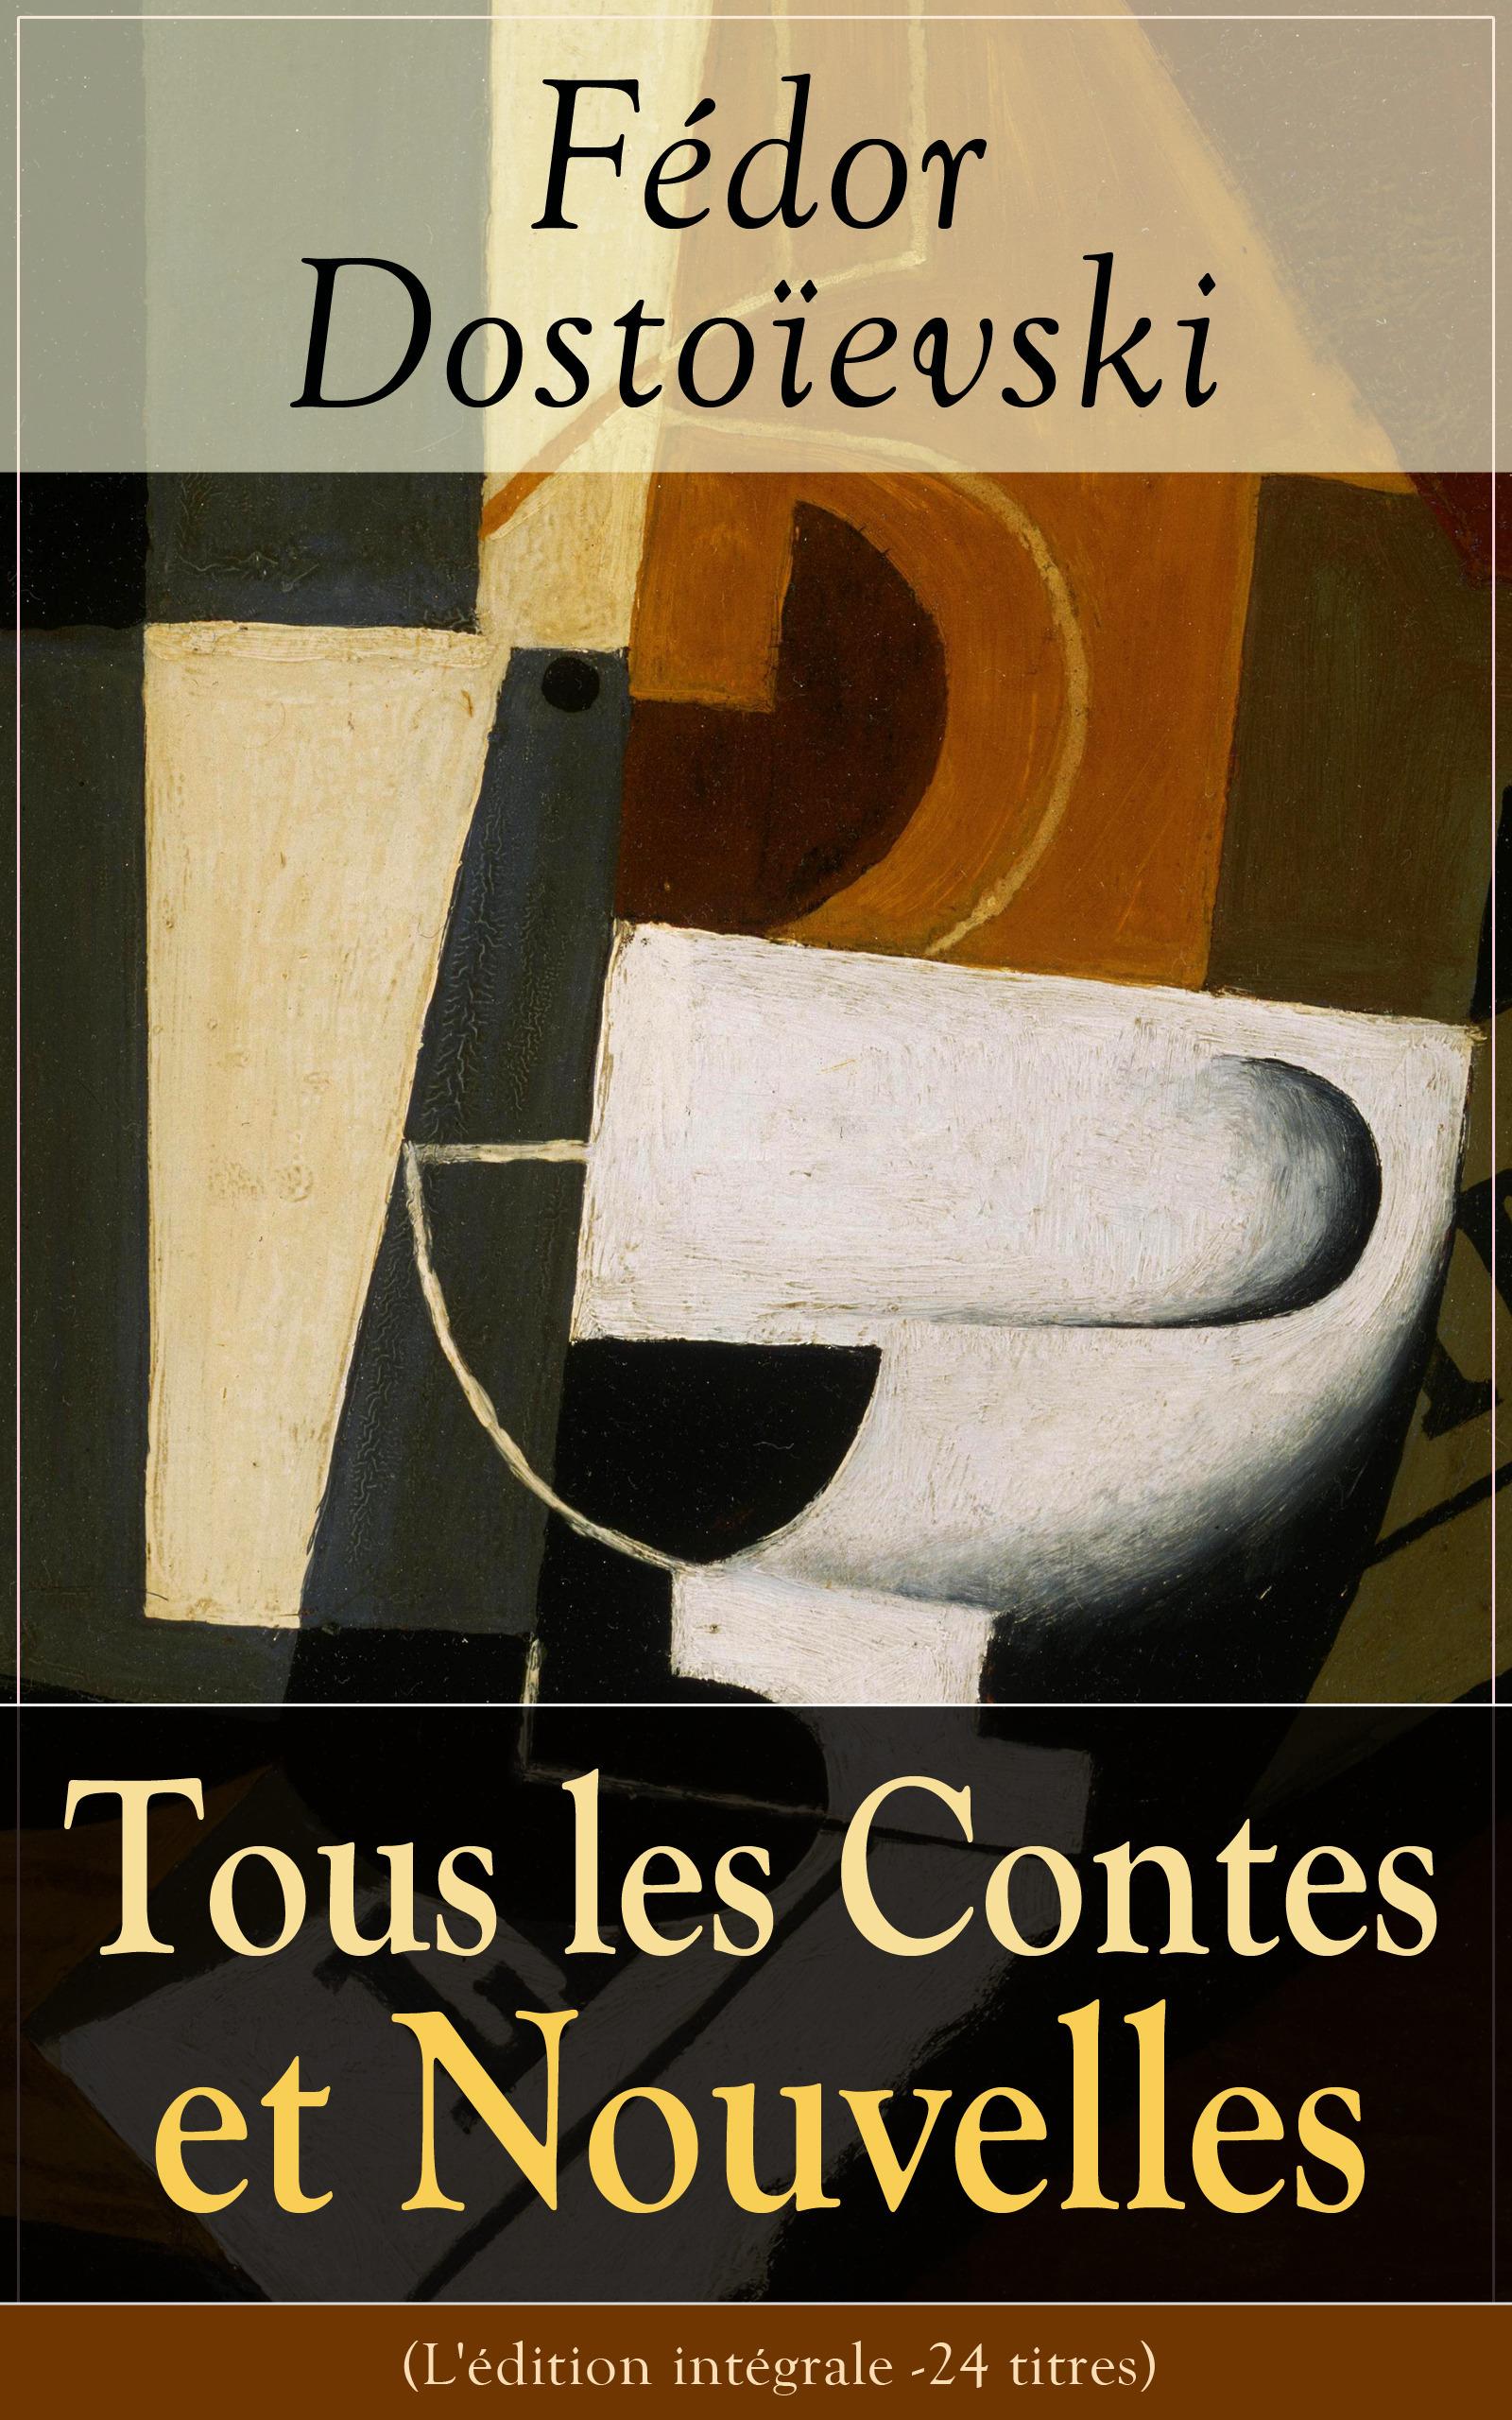 Tous les Contes et Nouvelles de Fédor Dostoïevski (L'édition intégrale - 24 titres)